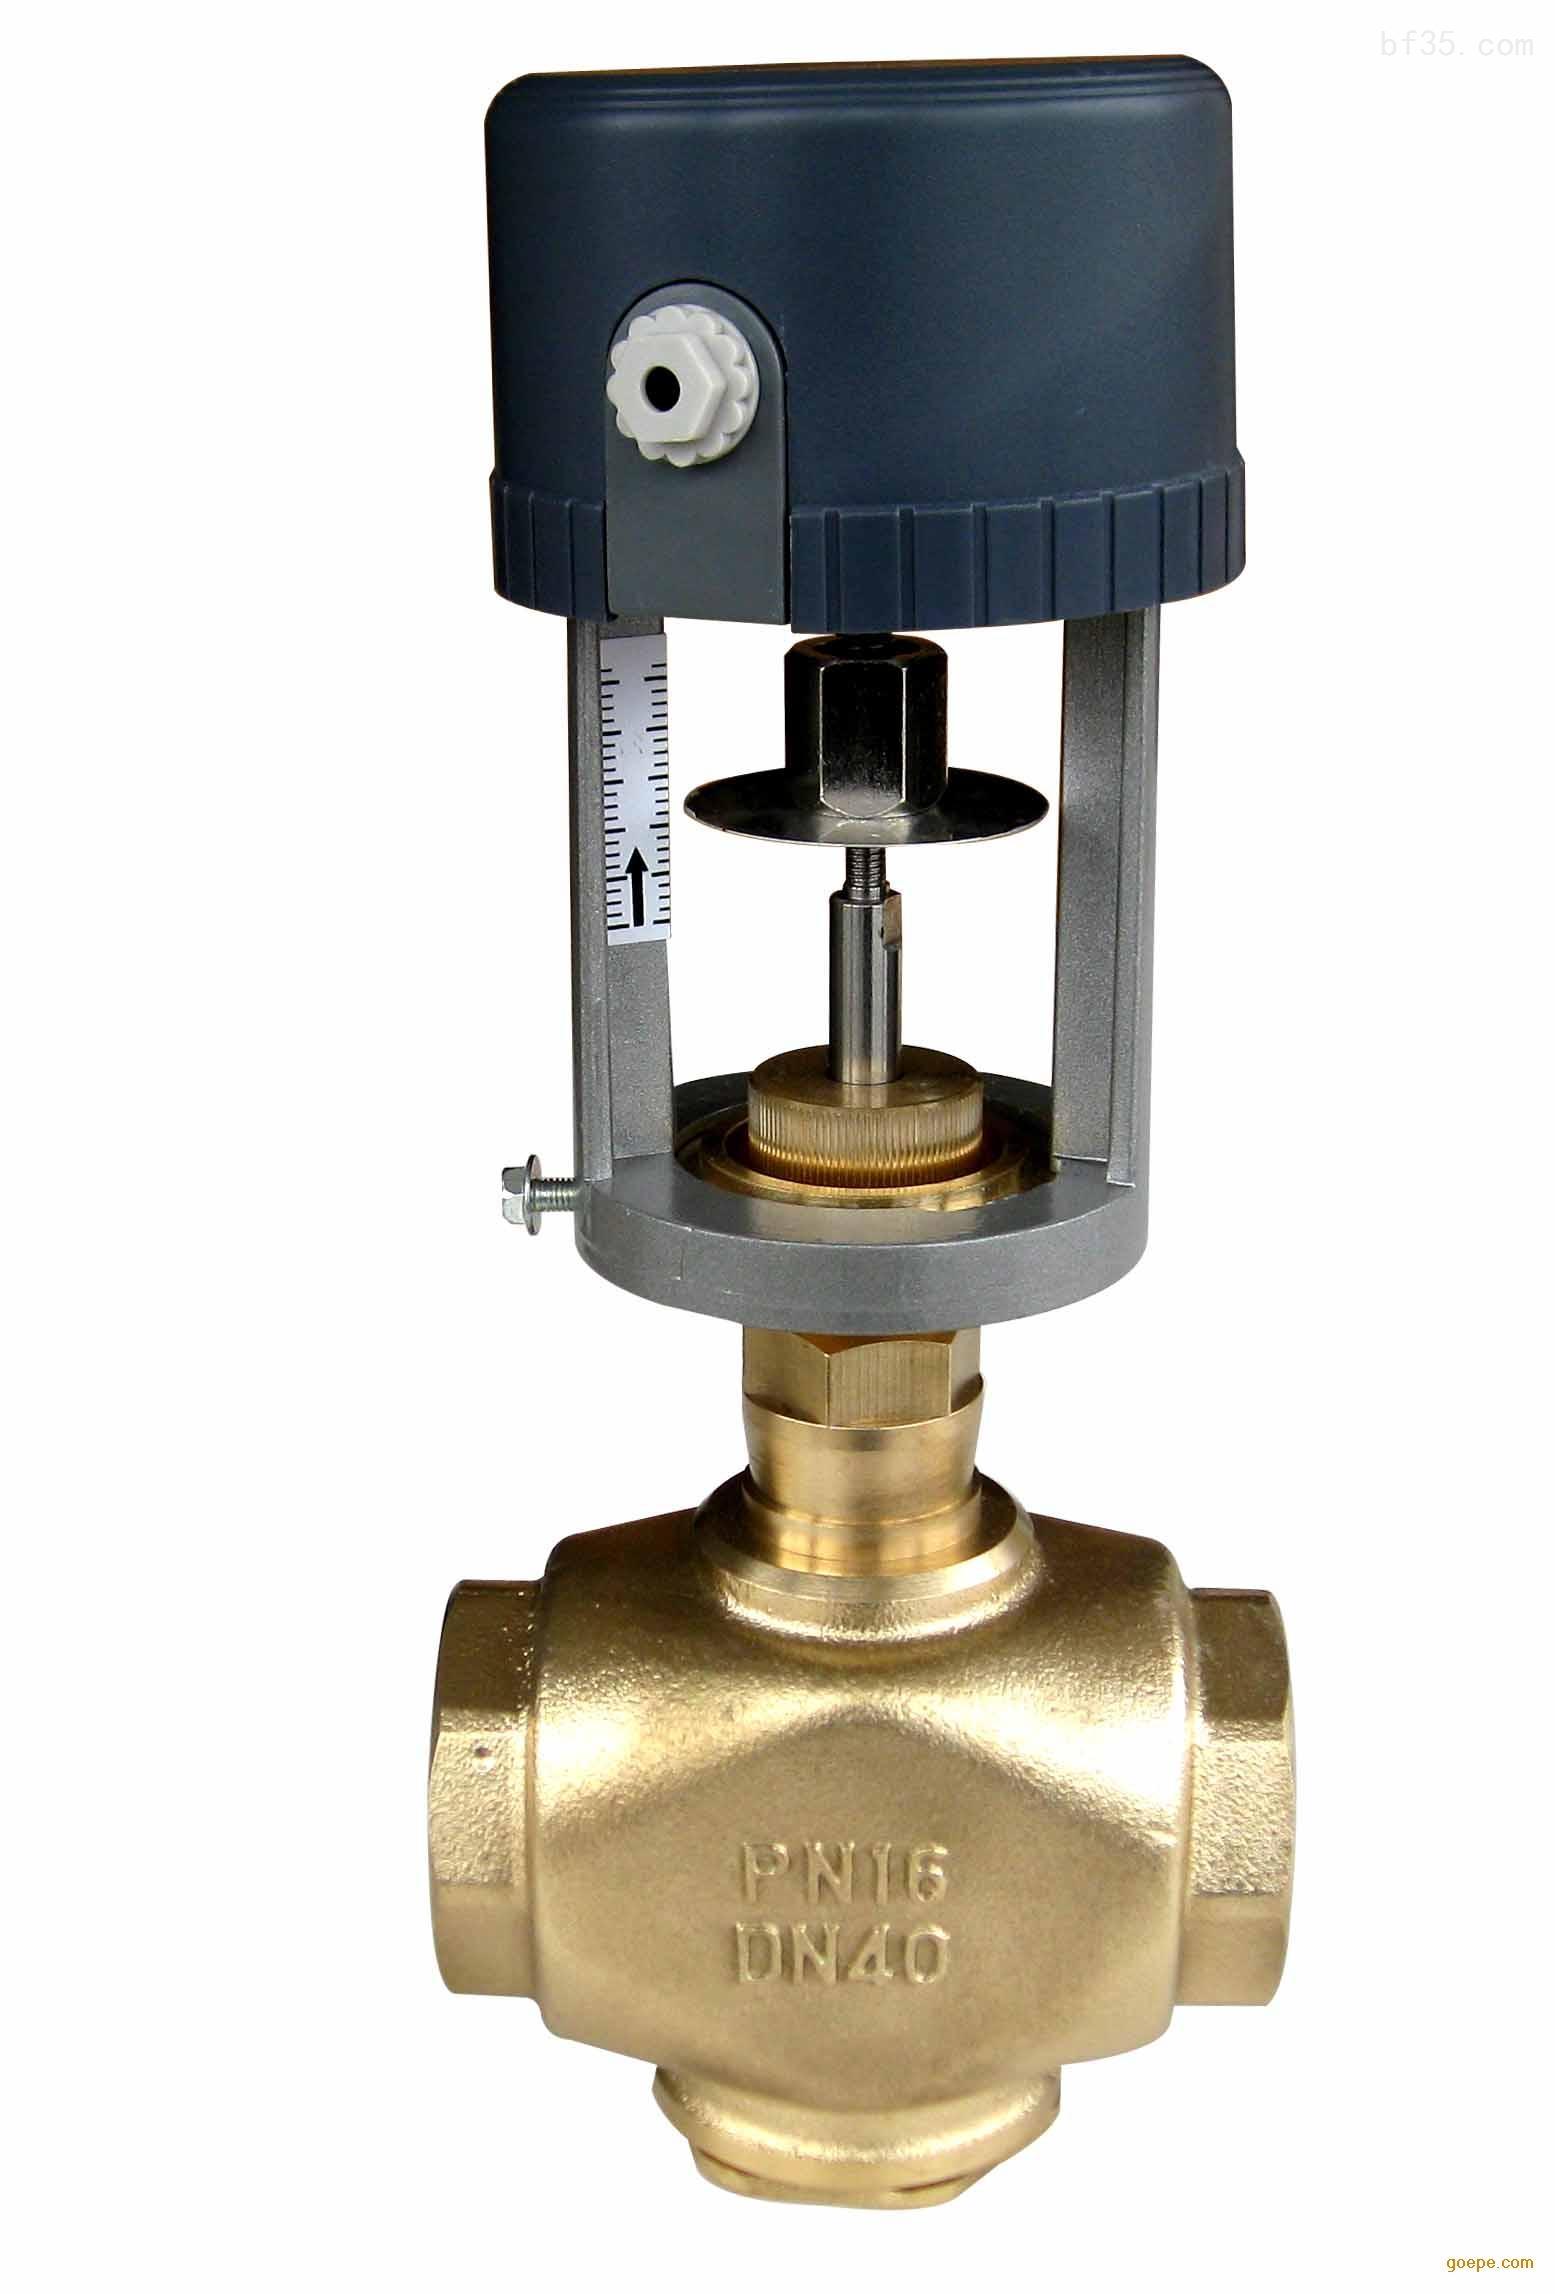 比例积分二通阀产品特点   执行器选用铸铝支架及塑料外壳,体积小、重量轻   选用永磁同步电机,并带有磁滞离合机构,具有可靠的自我保护功能   -适合多种控制信号:增量(浮点)、电压(0~10V)、电流(4~20mA)   -具有0~10V或4~20mA反馈信号(选配)   传动齿轮采用金属齿轮,大大提高了驱动器的使用寿命   功耗低、输出力大、噪音小   阀体有铸铜、铸铁、铸钢、不锈钢多种材质可供选择,以适合不同工作介质及温度的要求   -阀体有螺纹连接和法兰连接两种,安装方便,其构造符合